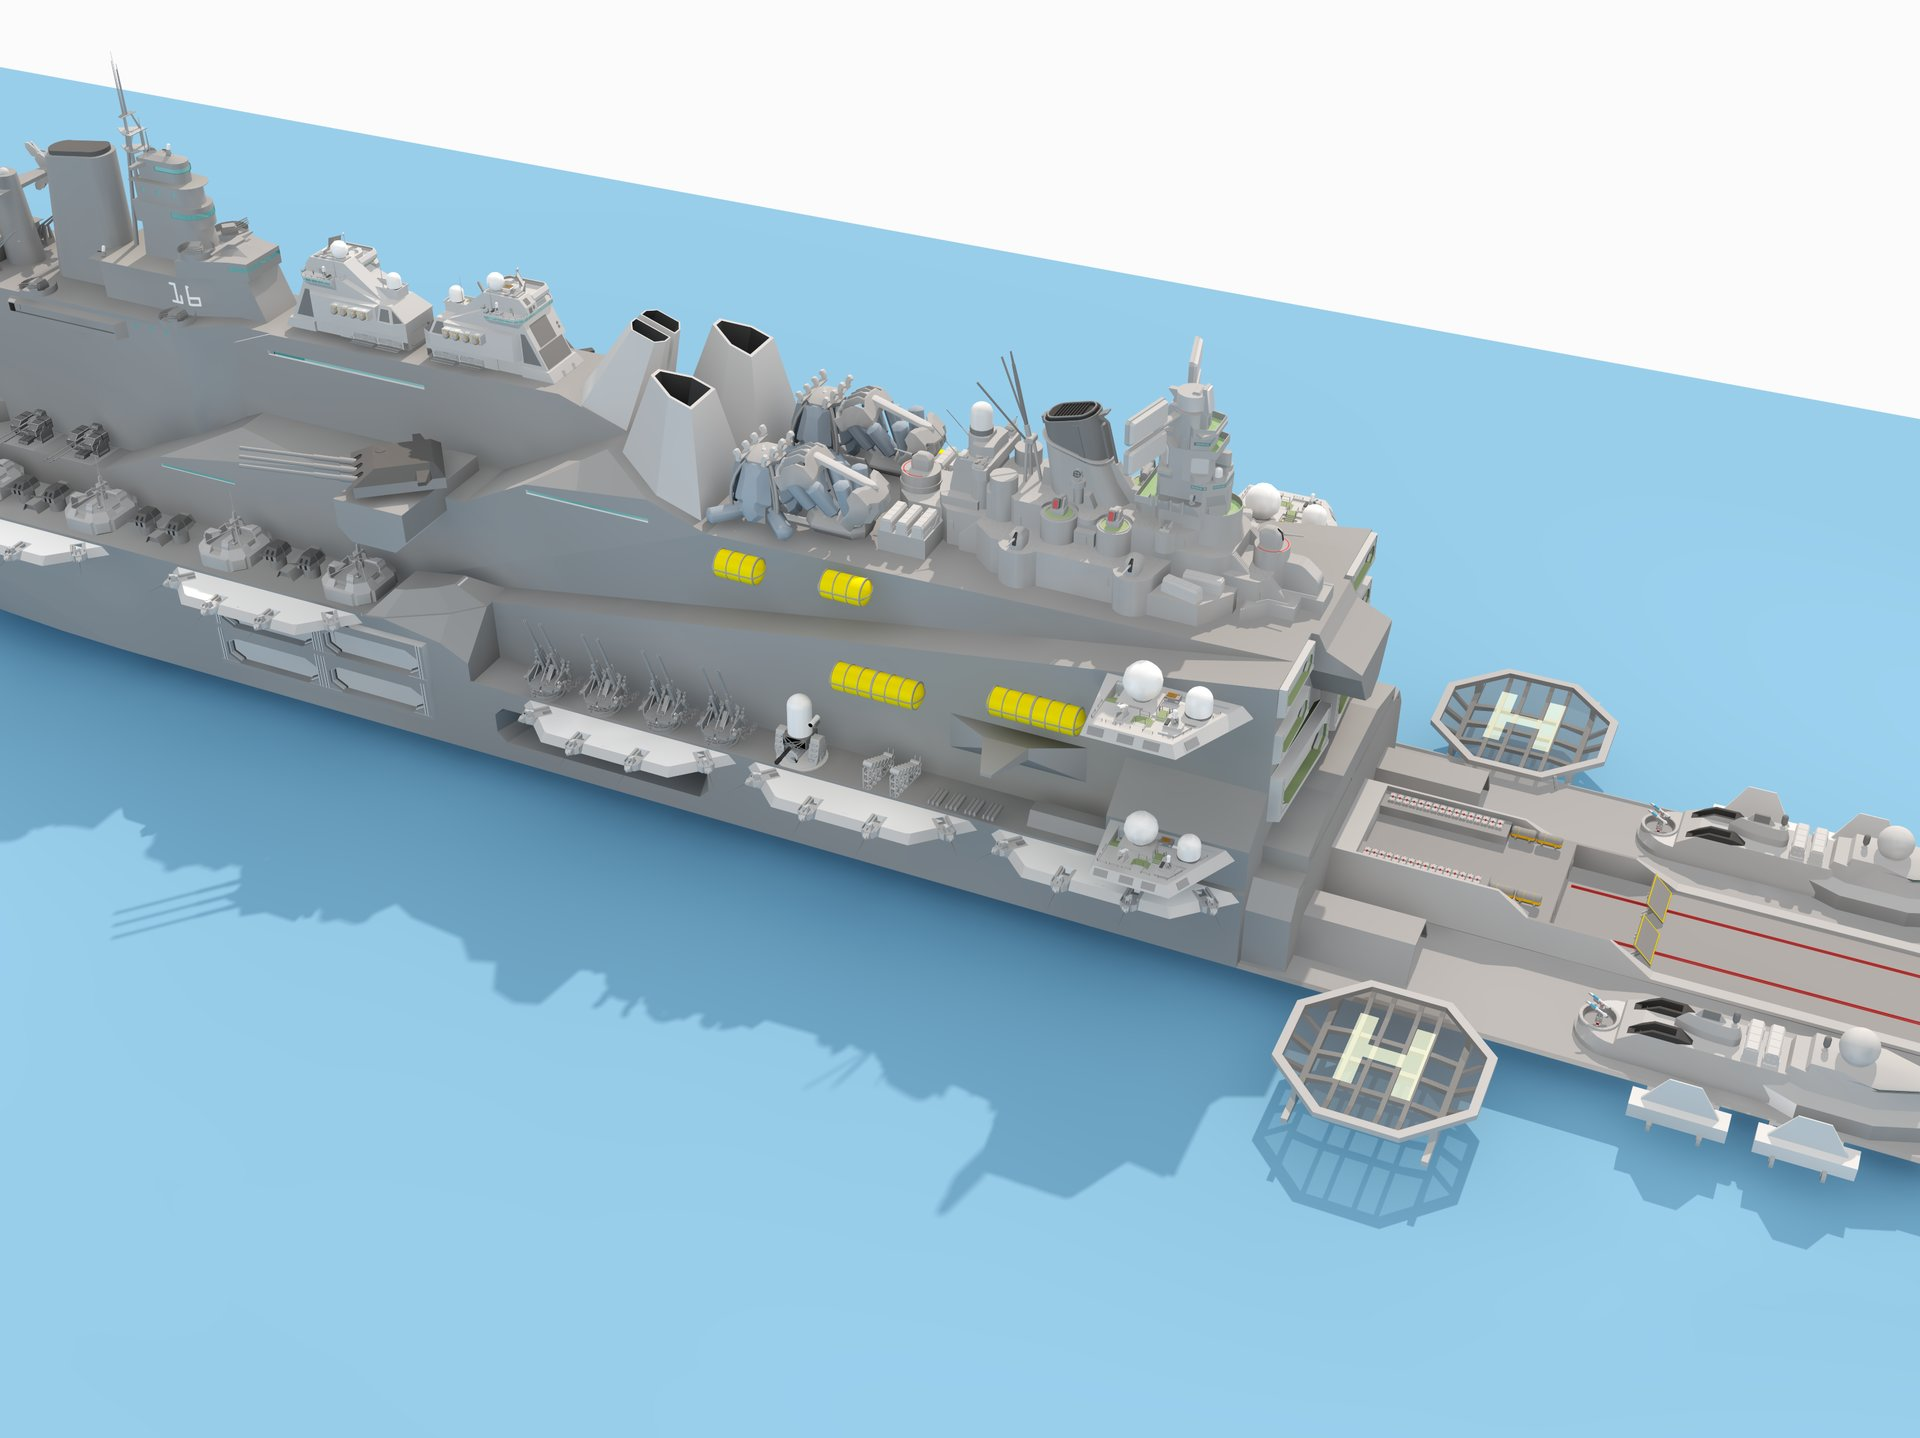 Cristian bruno half destroyer 2014 09 13 21570600000